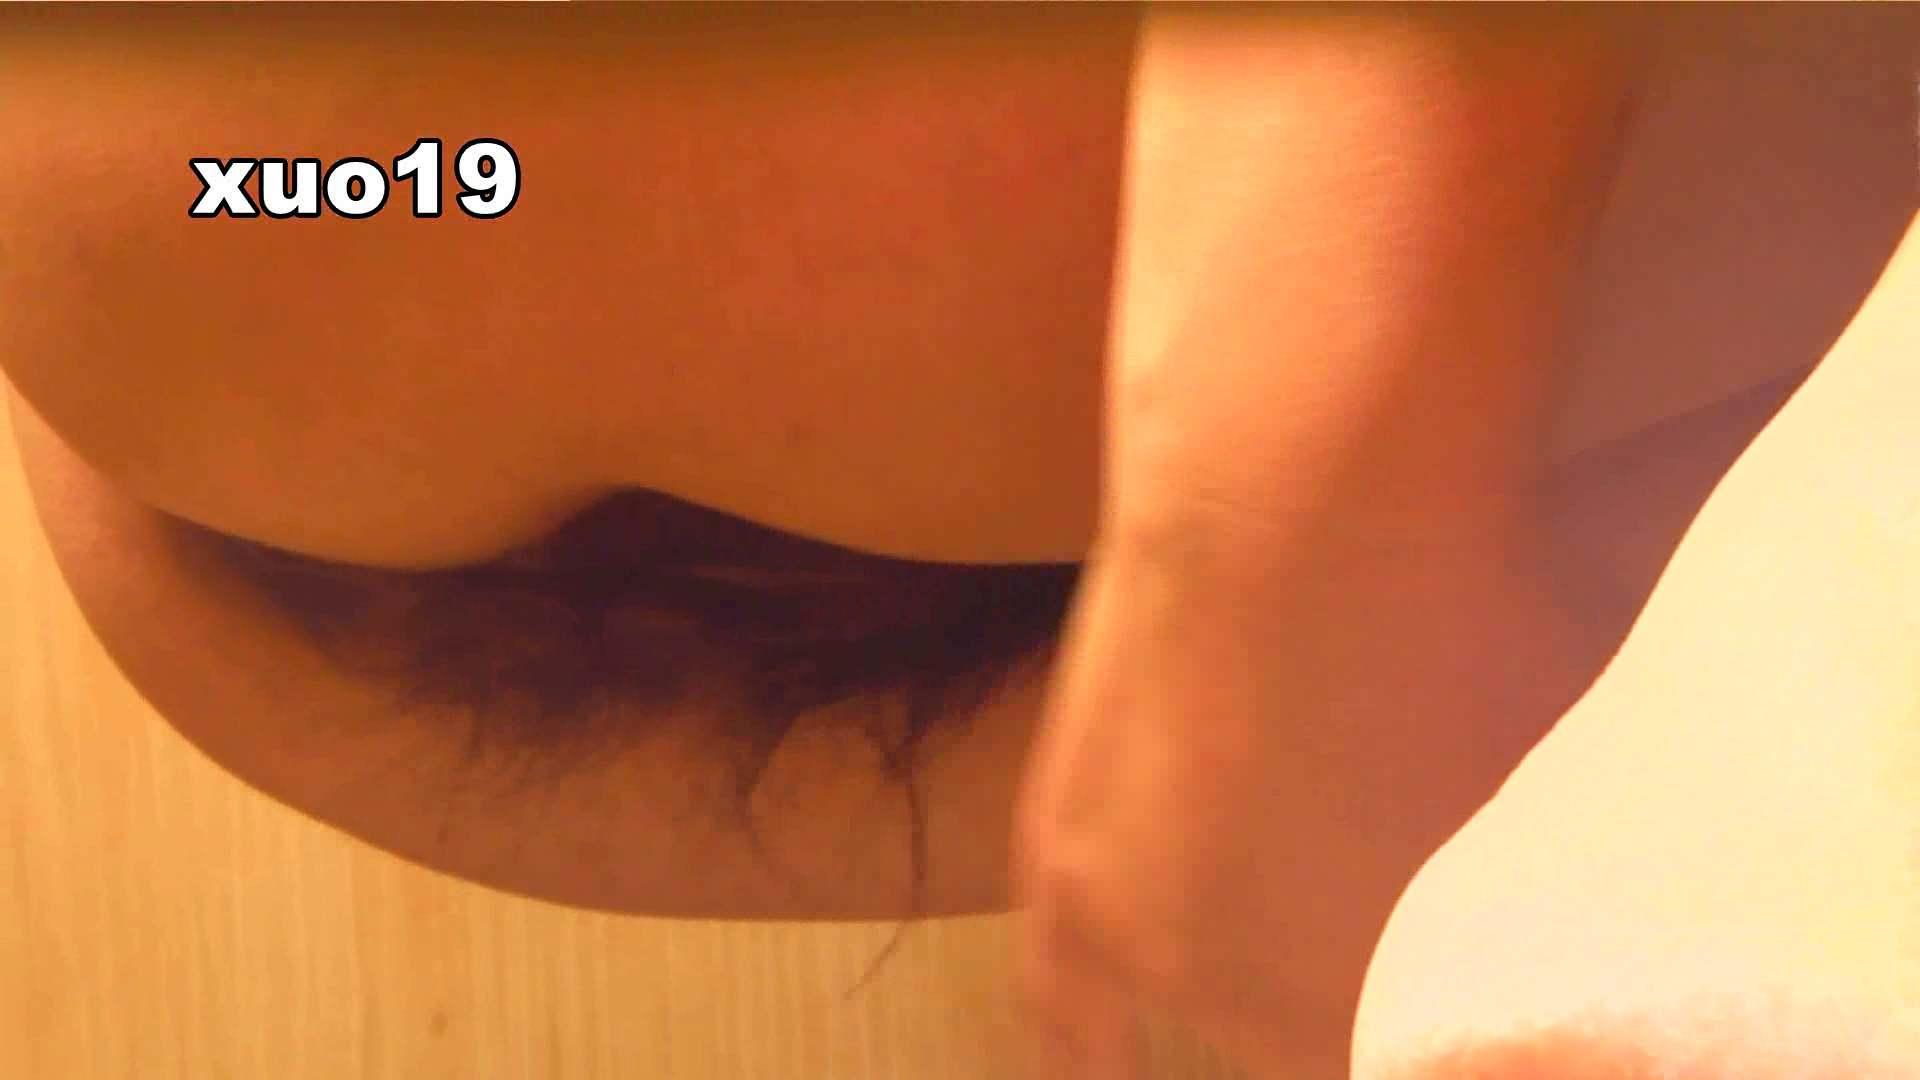 阿国ちゃんの「和式洋式七変化」No.19 キラキラ系 和式・女子用 セックス画像 94画像 53